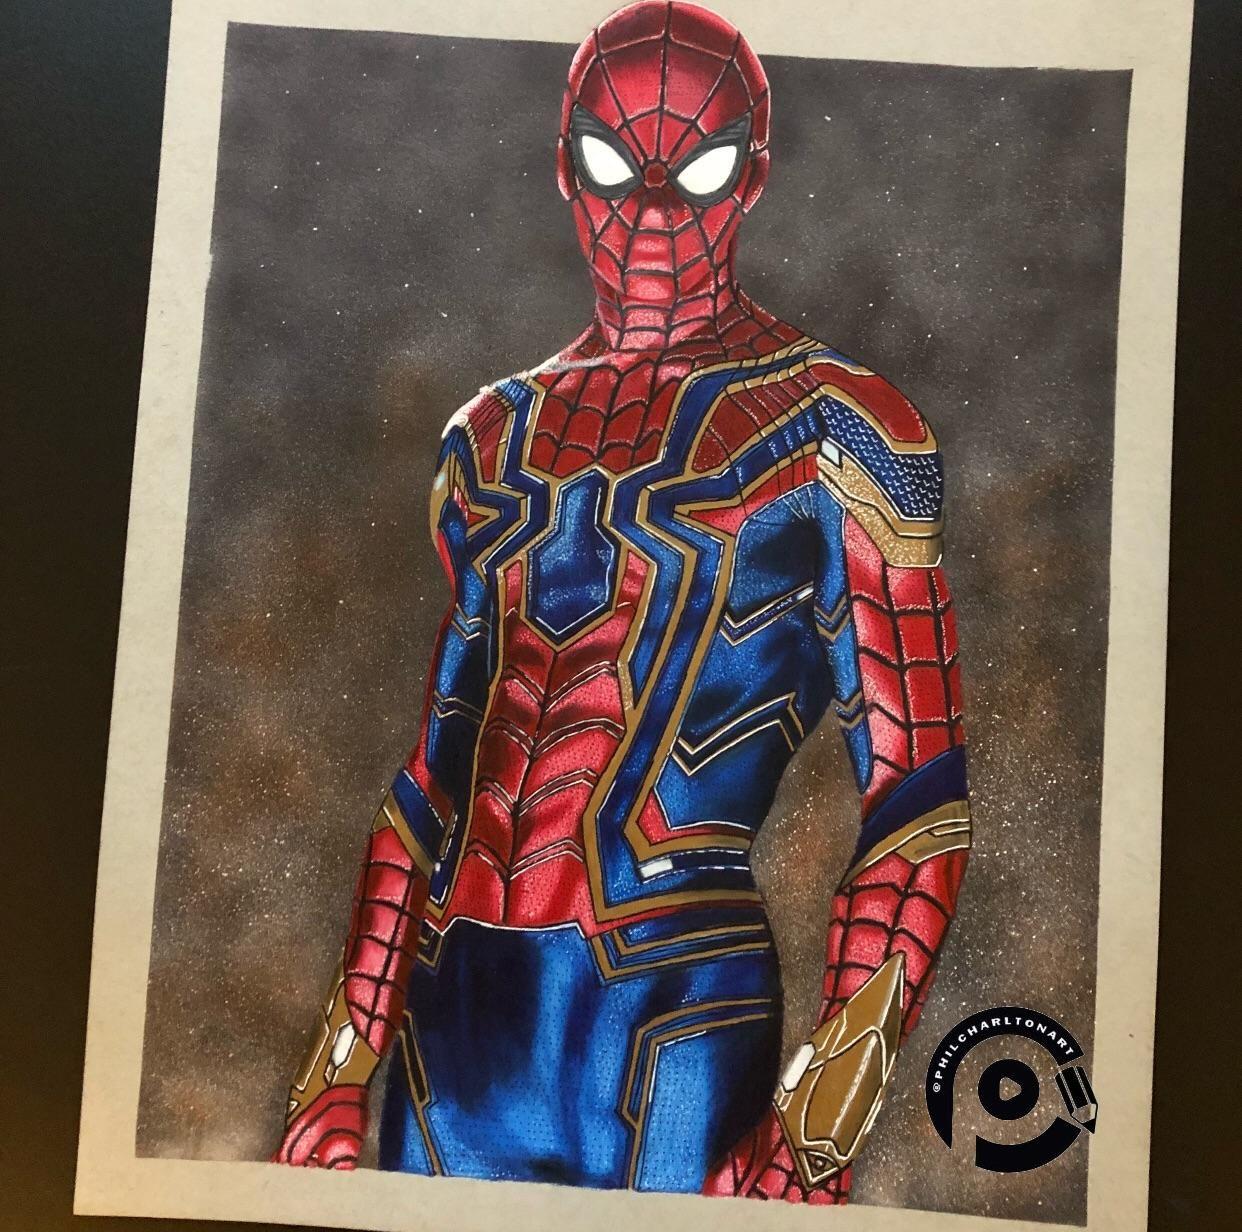 My Spiderman Drawing Enjoyed Doing This One Prisma Colour Pencils On Strathmore Art Paper Zeichnungen Zeichnen Malen